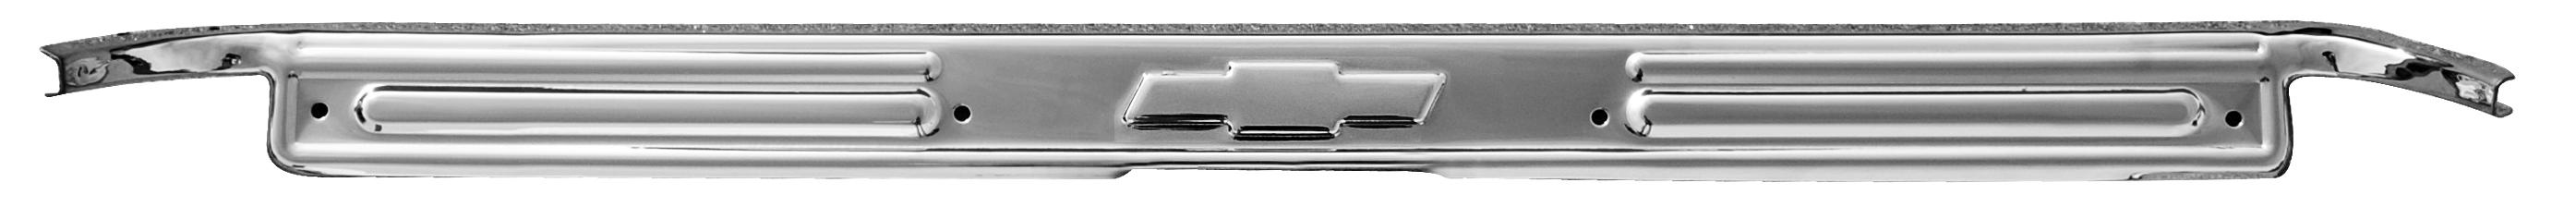 0849-341-u.png